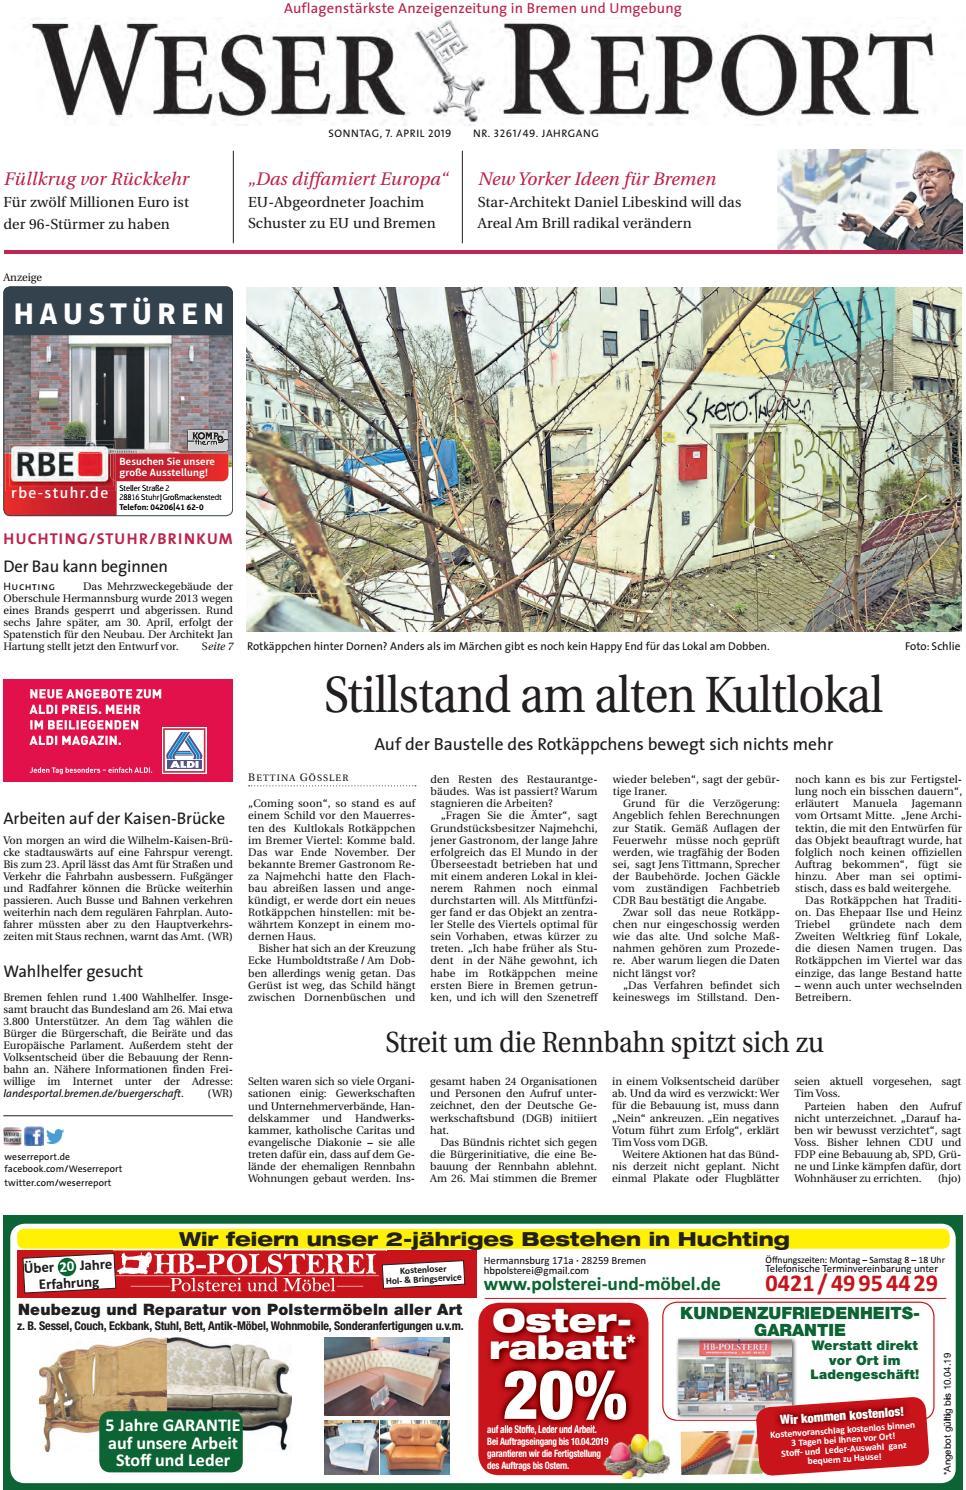 Ikea Koblenz Ffnungszeiten Möbel Höffner Verkaufsoffener Sonntag